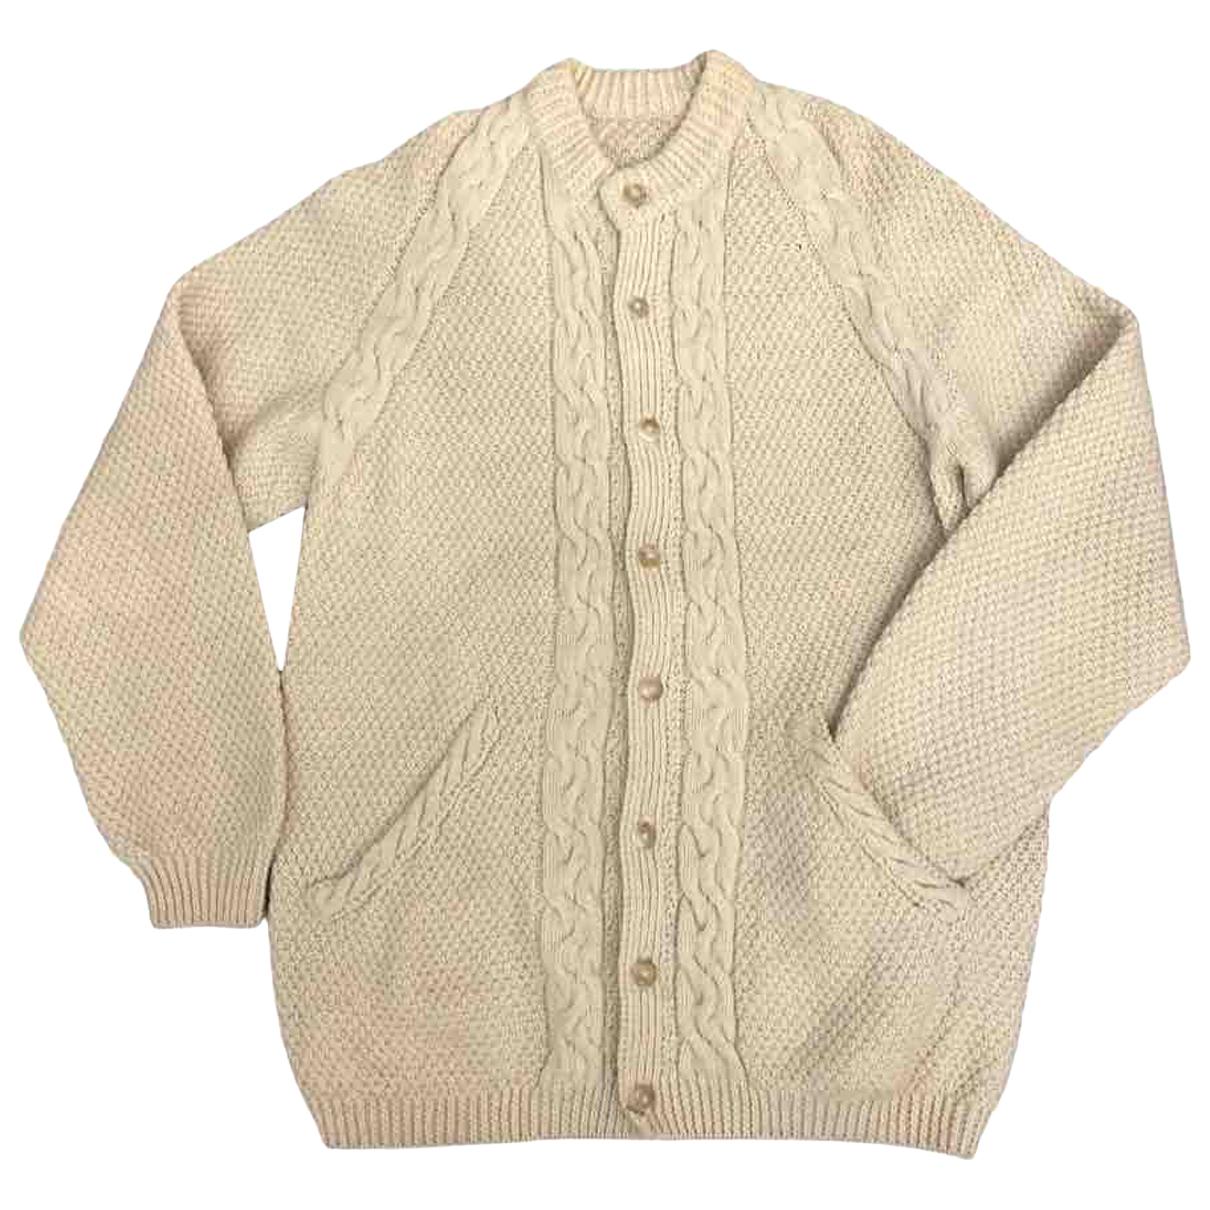 - Pull Crochet pour femme en laine - blanc